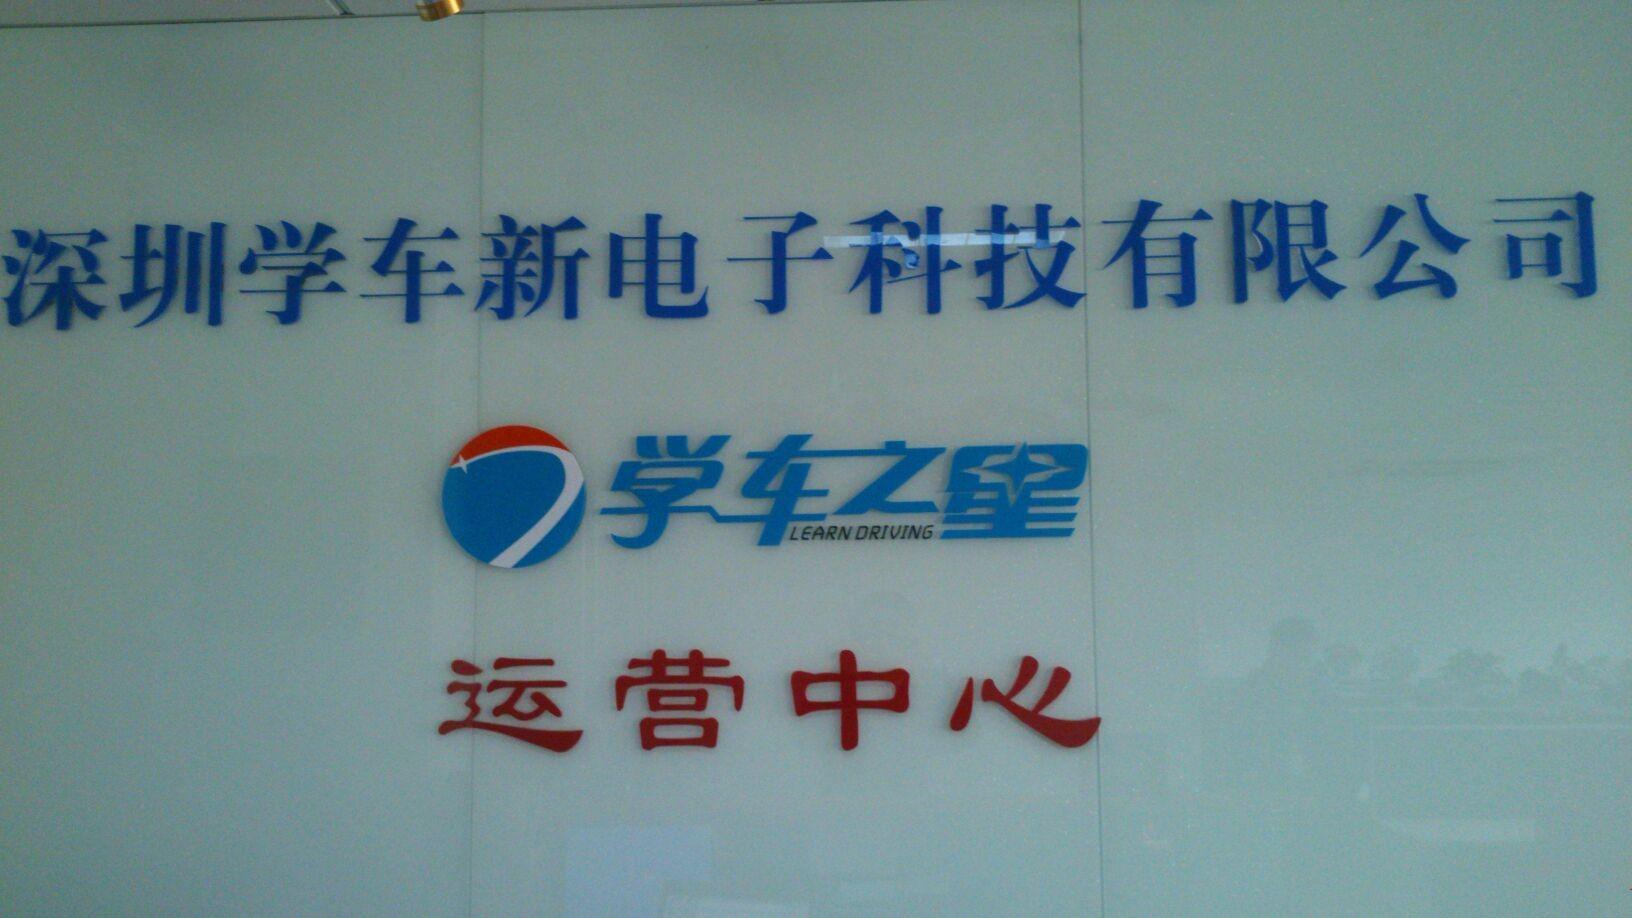 深圳学车新电子科技有限公司